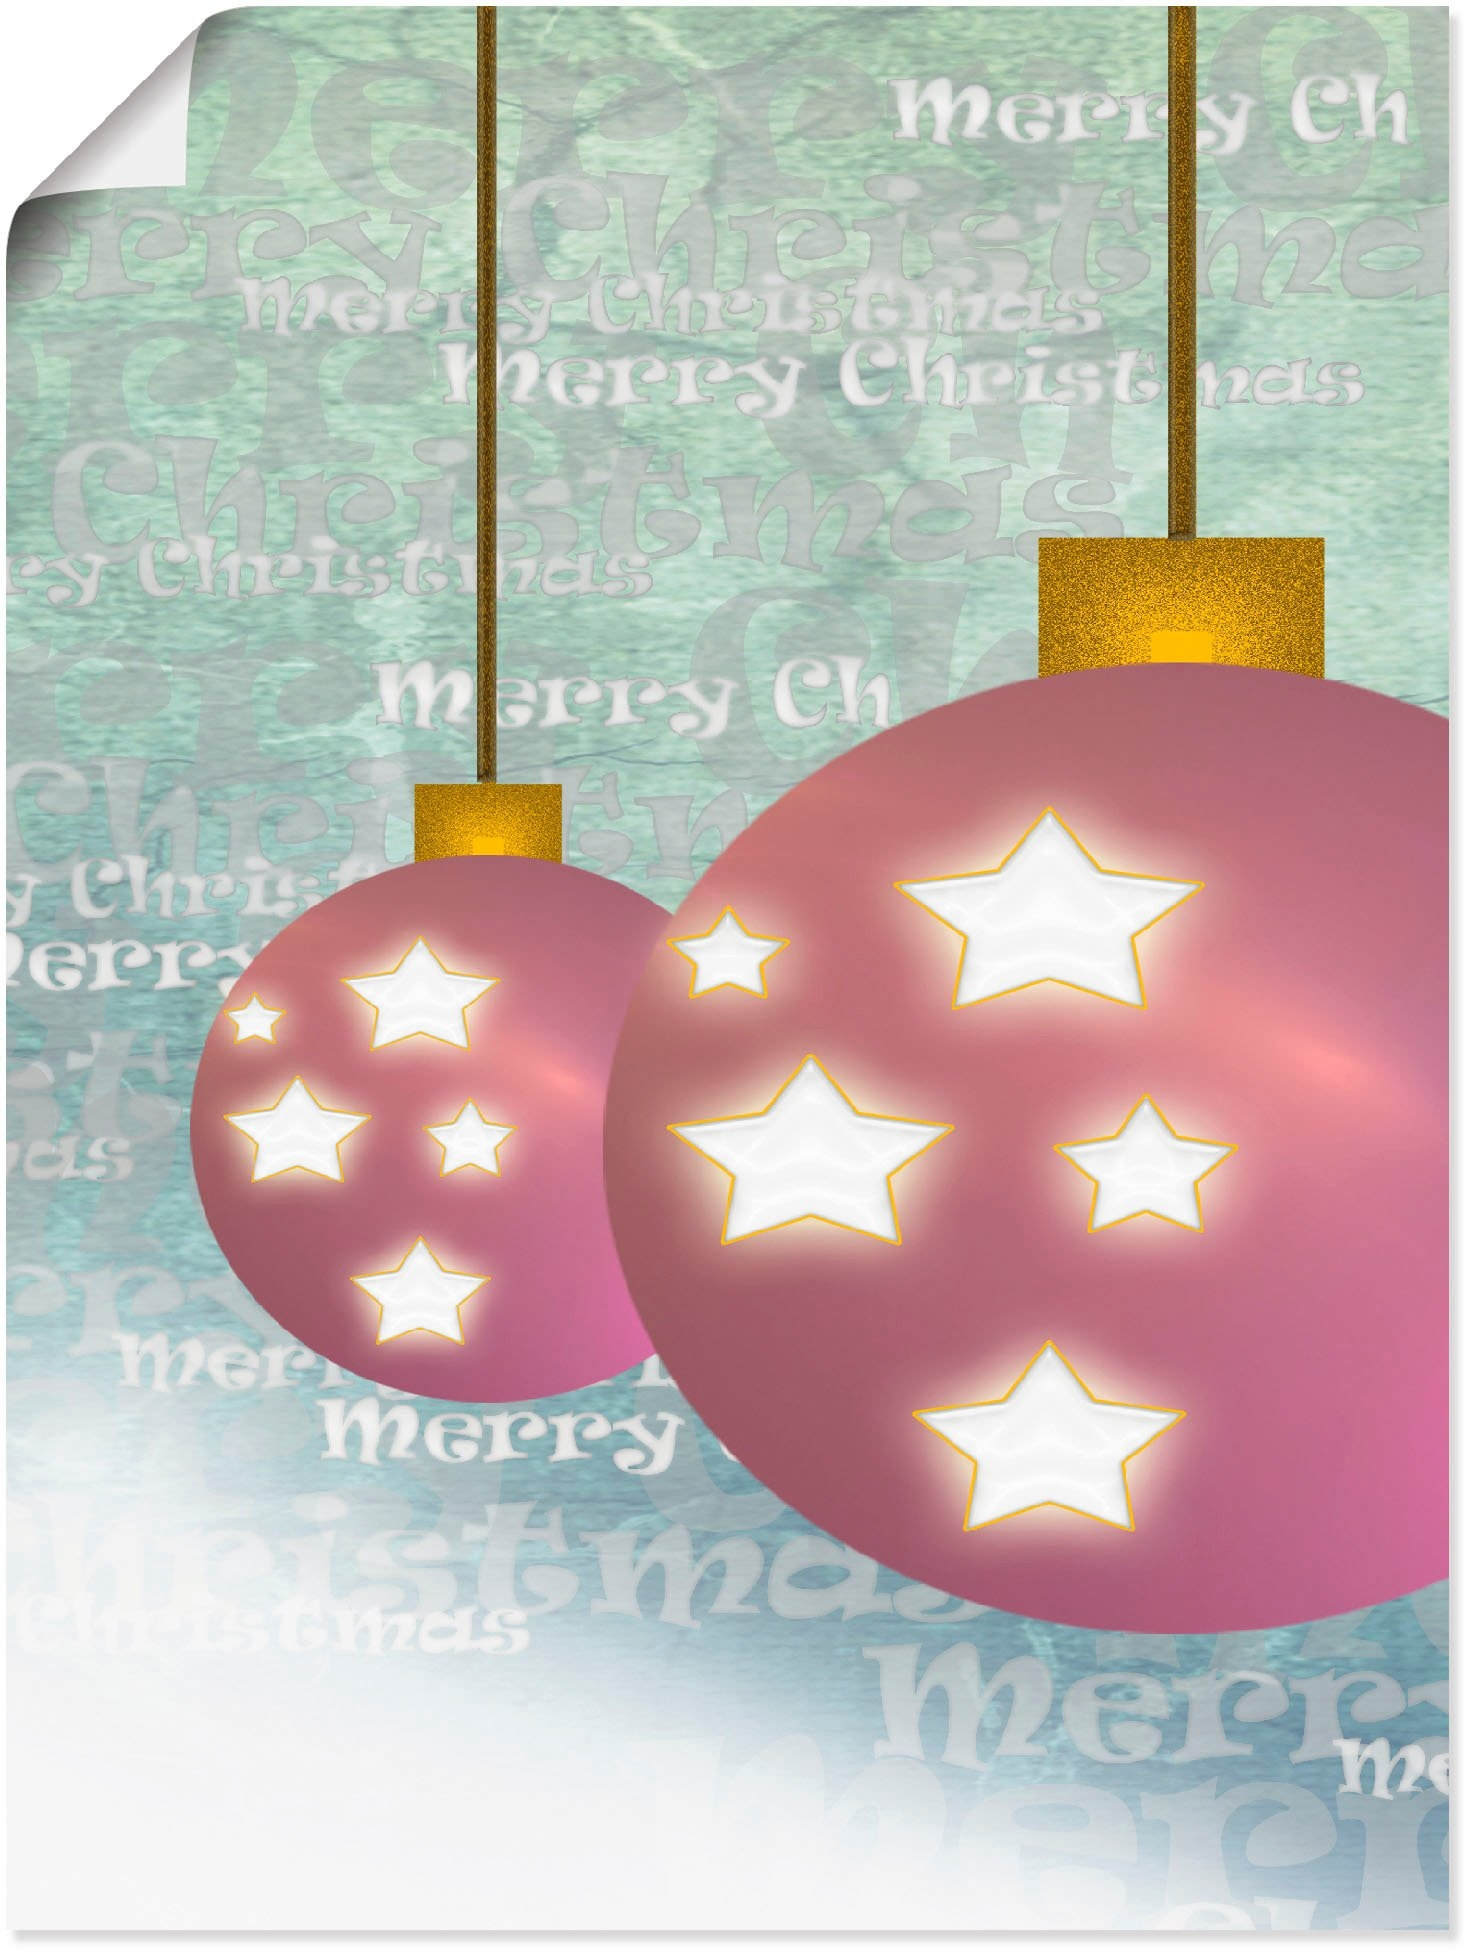 Artland Artprint Kerstbal in vele afmetingen & productsoorten - artprint van aluminium / artprint voor buiten, artprint op linnen, poster, muursticker / wandfolie ook geschikt voor de badkamer (1 stuk) nu online kopen bij OTTO